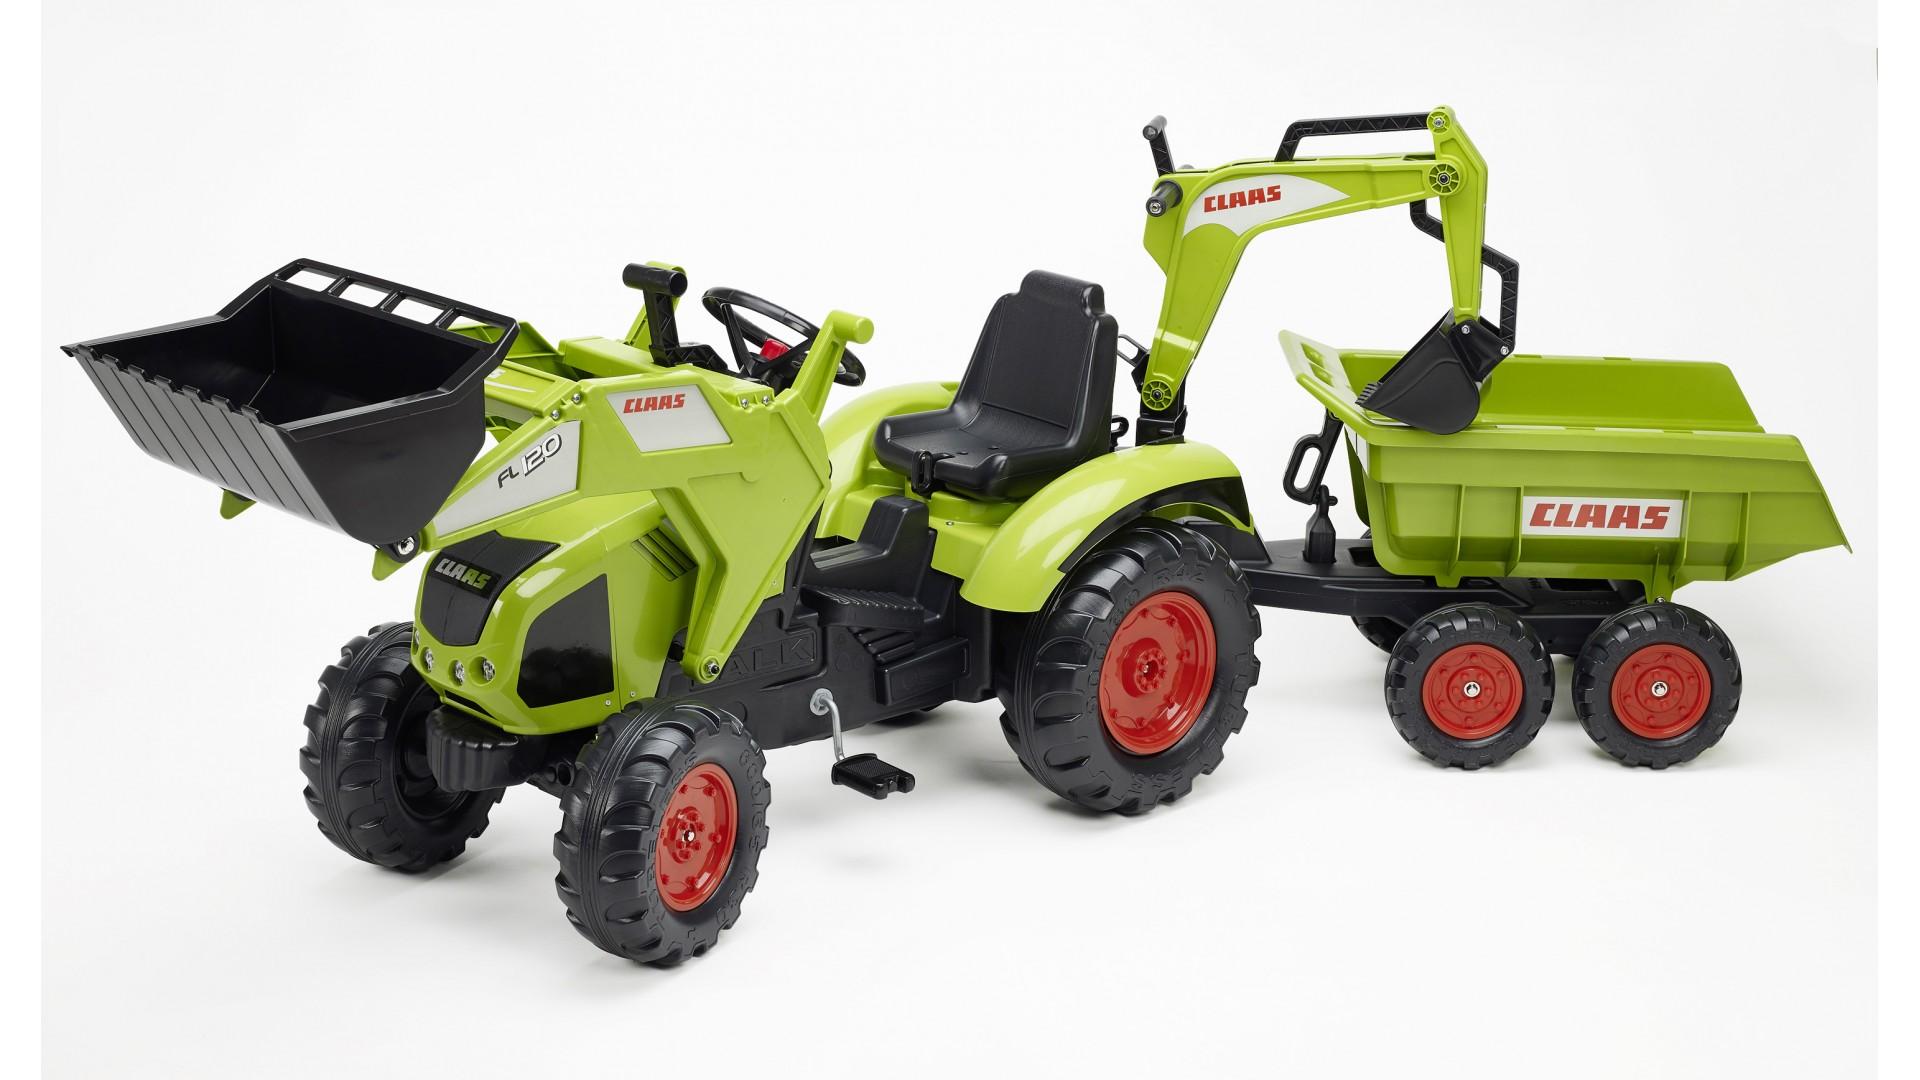 Педальный трактор-экскаватор с прицепом, черно-салатовый, 225 см - Педальные машины и трактора, артикул: 169030